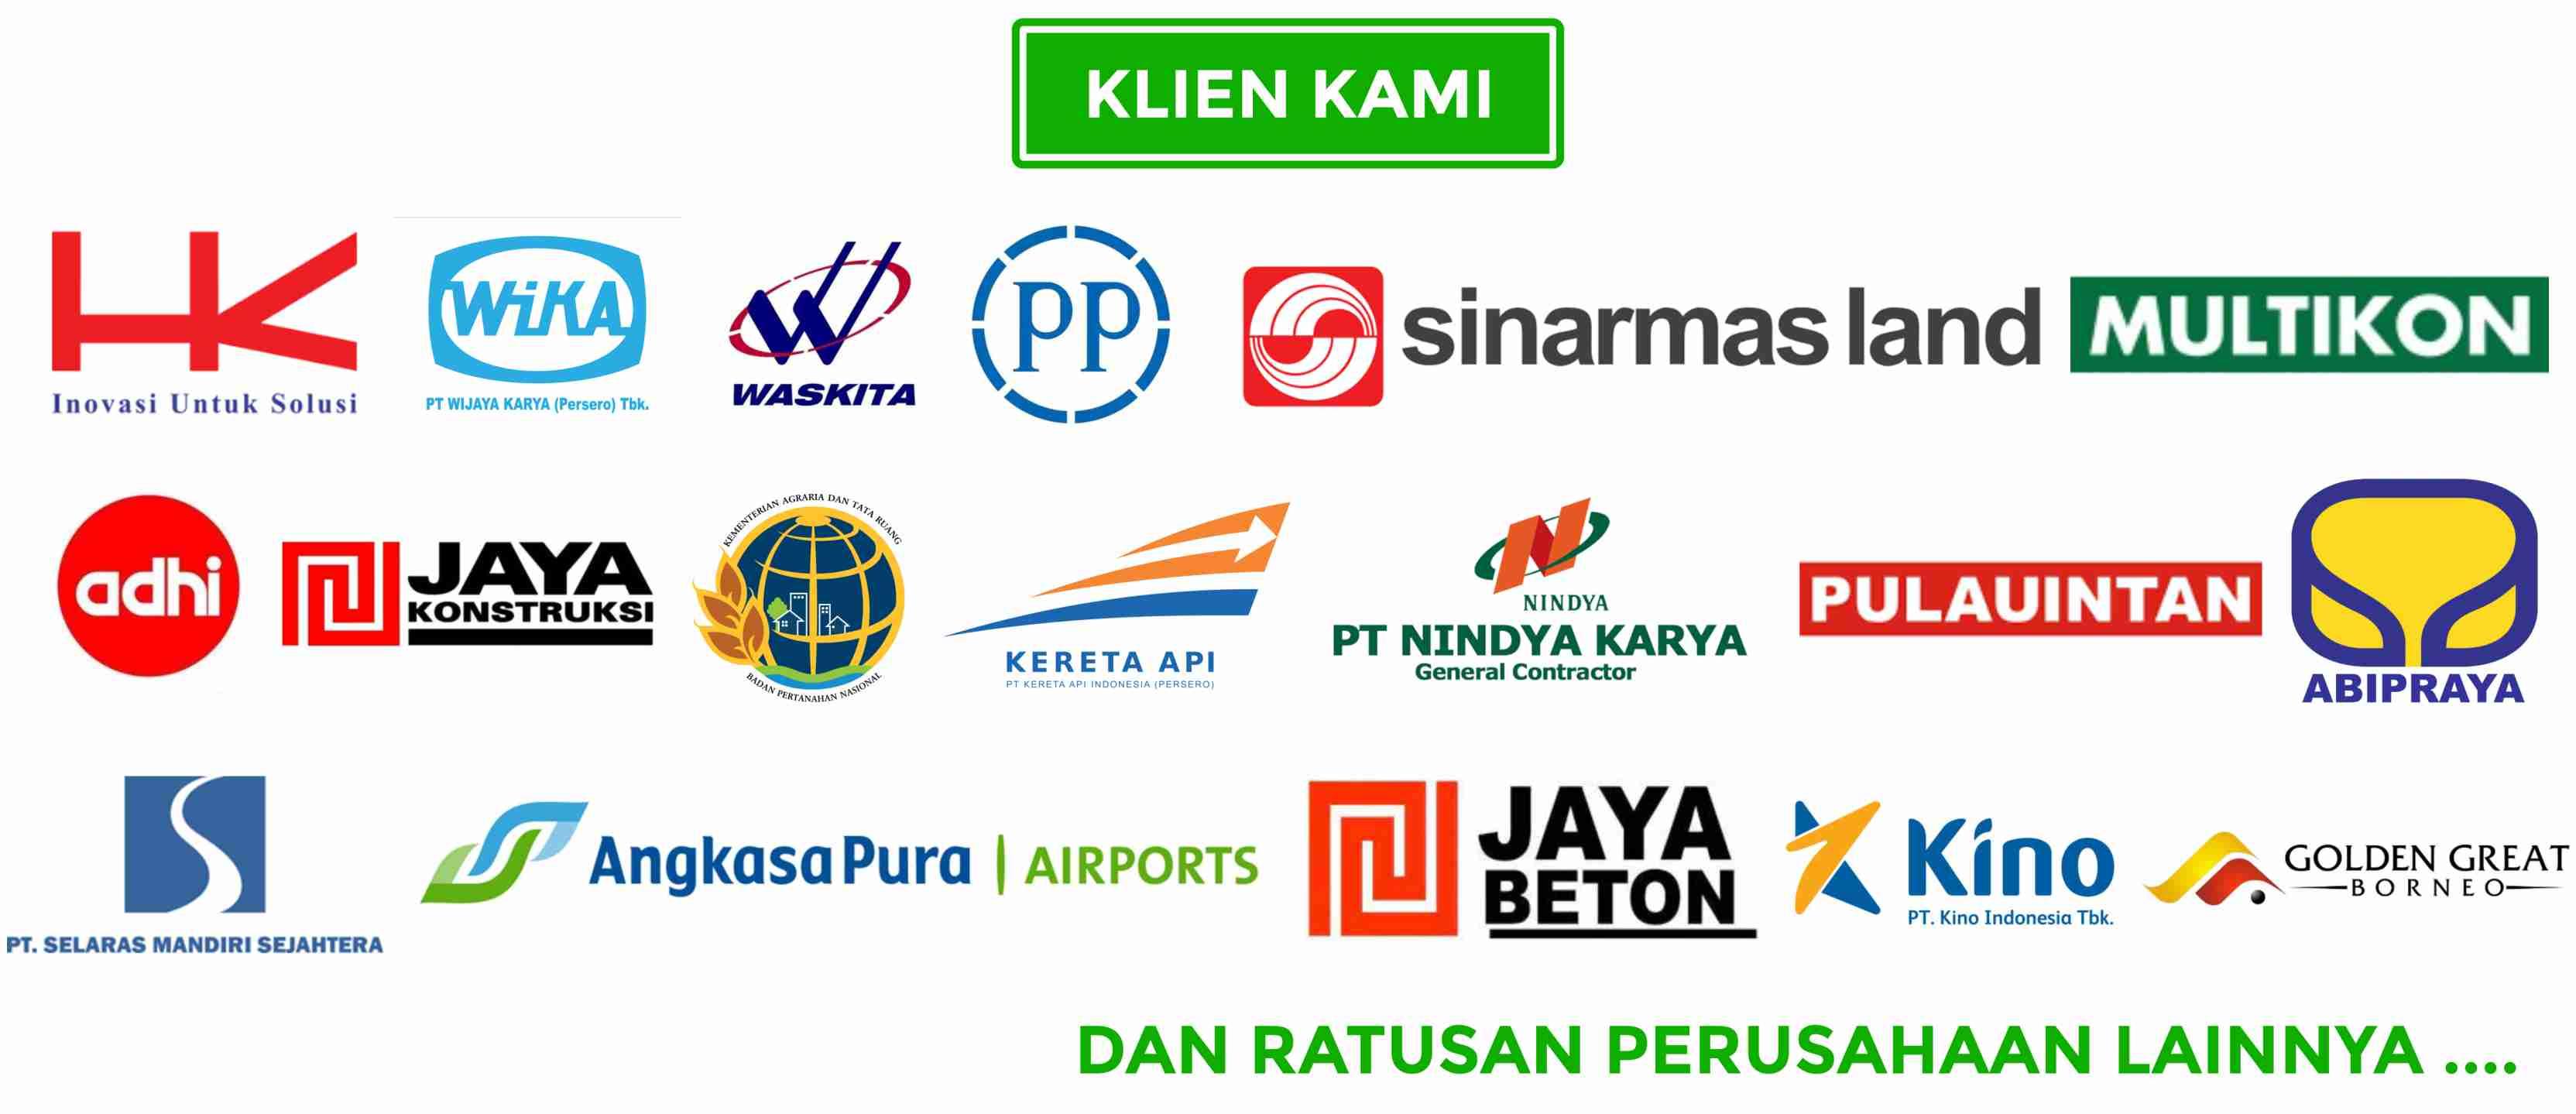 Klien Indosurta Group sudah bekerja sama dengan perusahaan kontraktor dan indosurta group